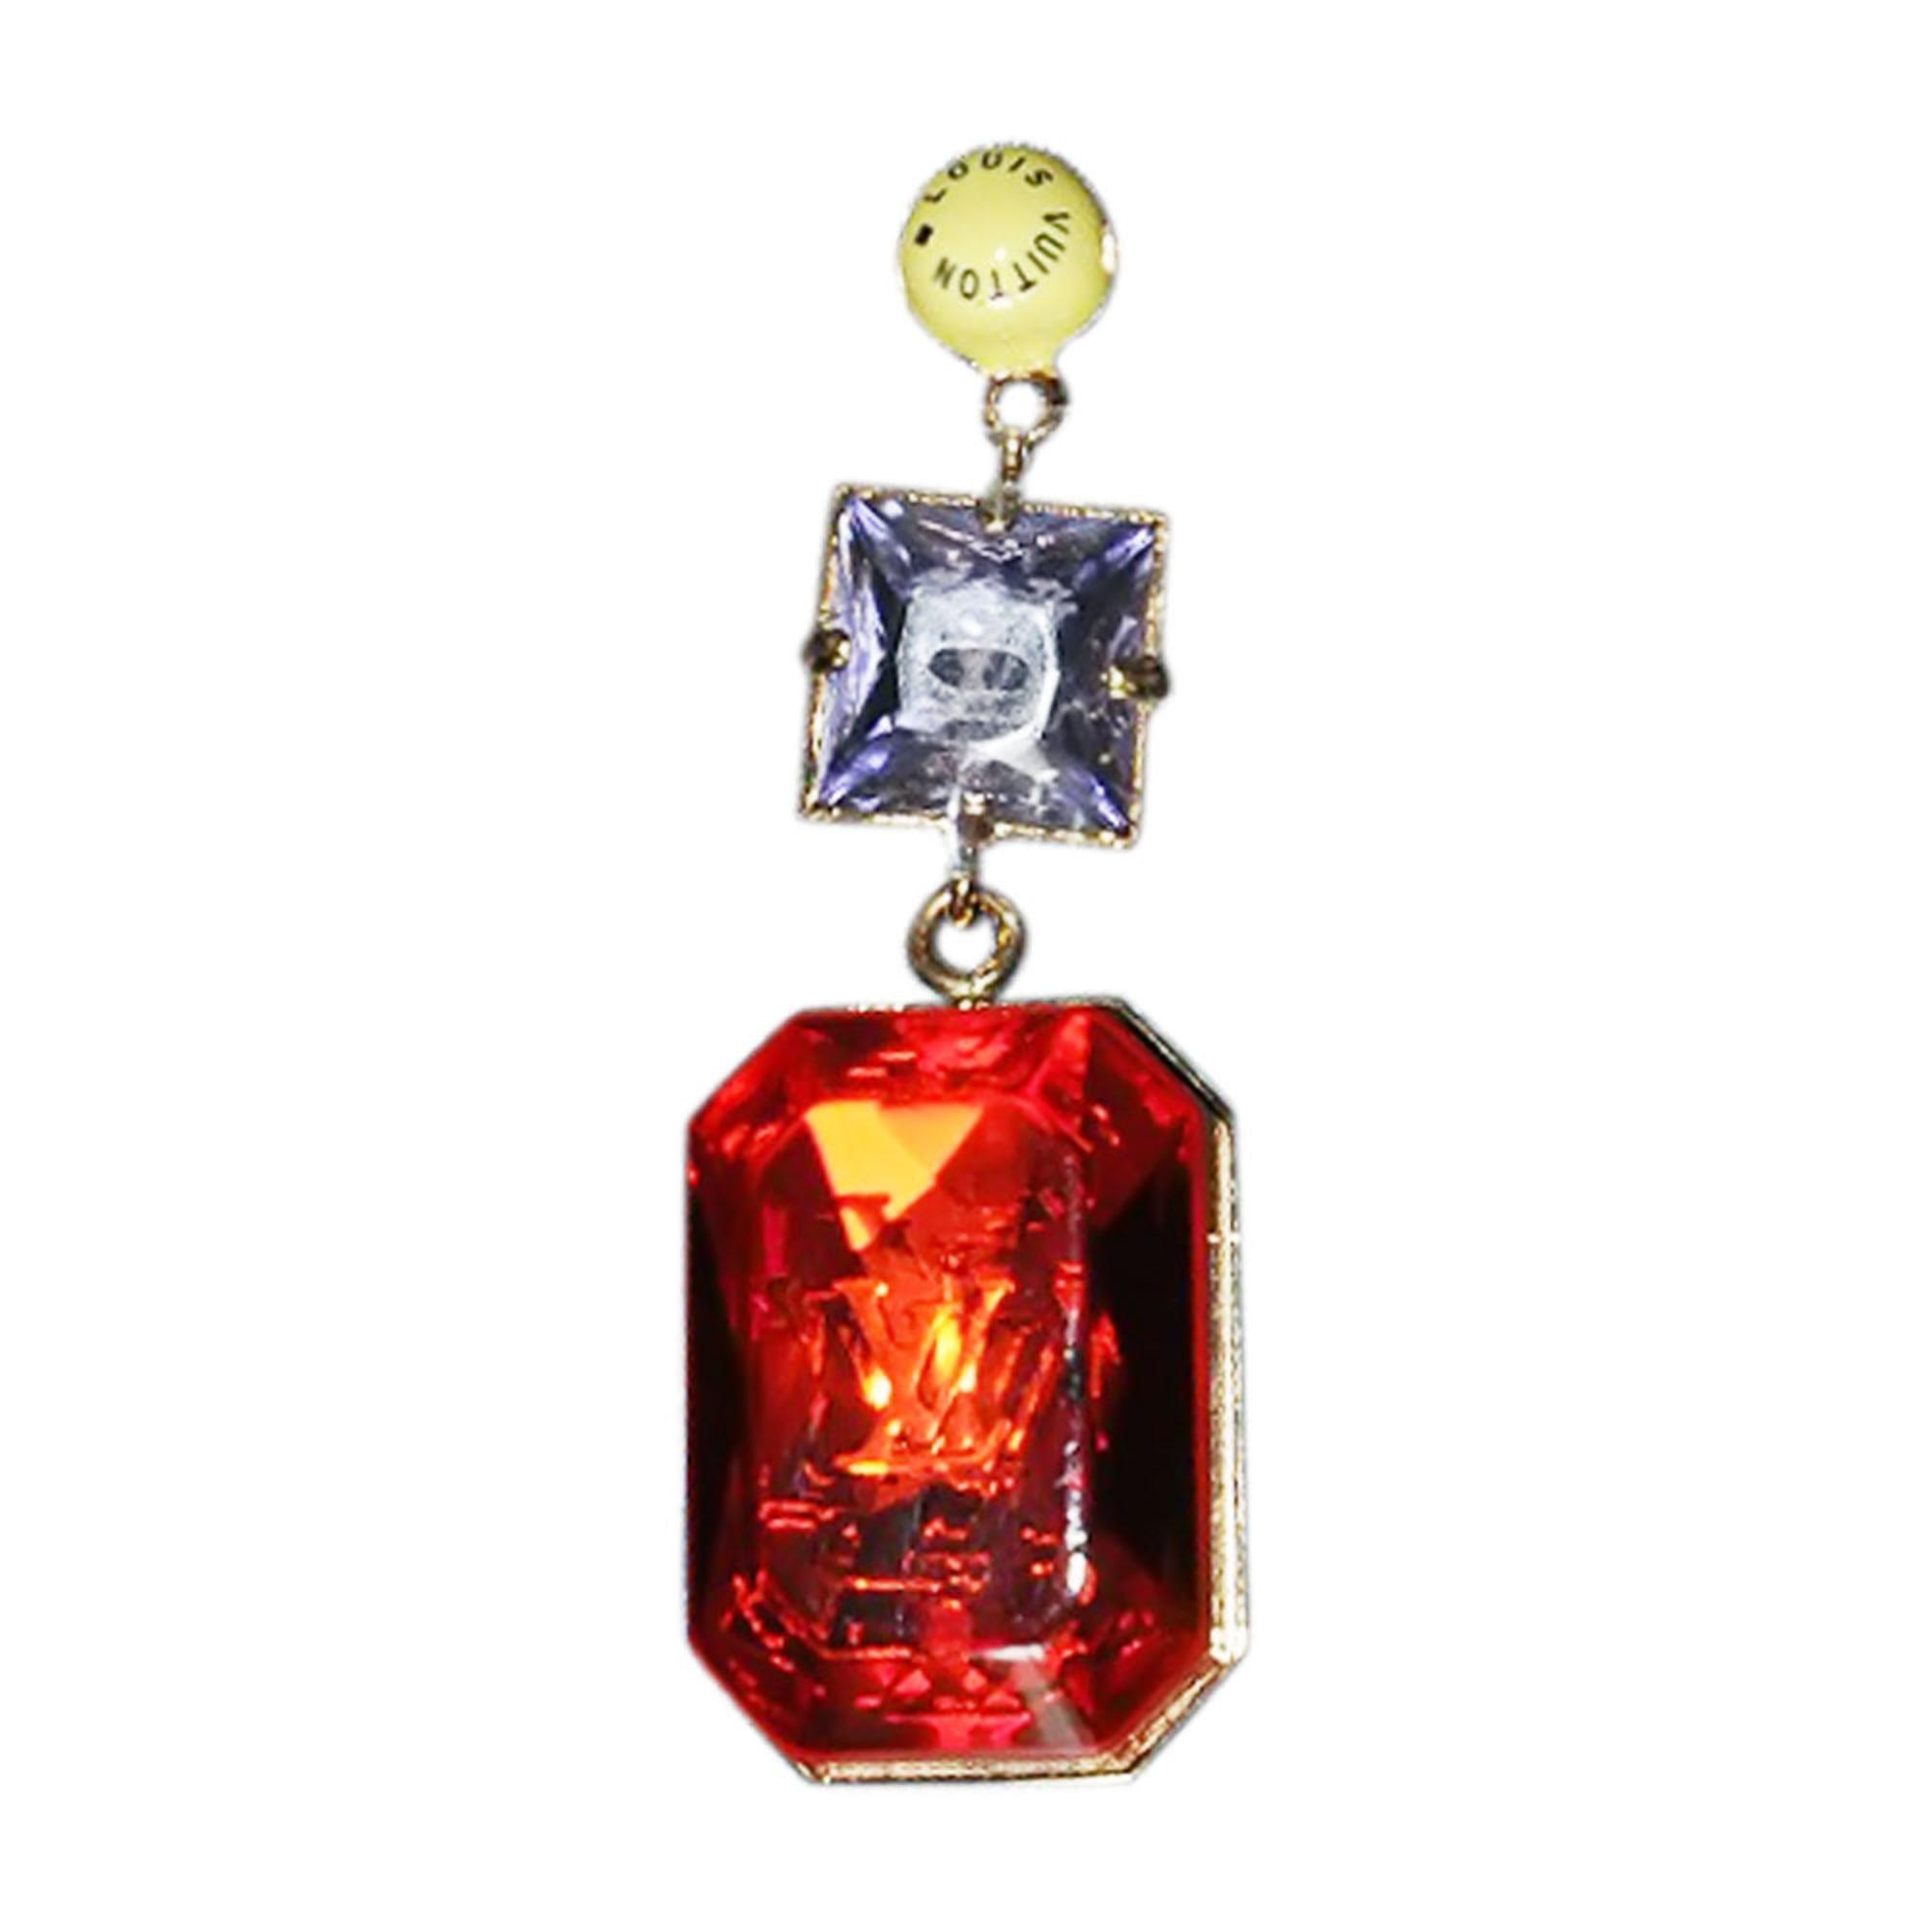 Pendentif, collier pendentif LOUIS VUITTON résine rouge